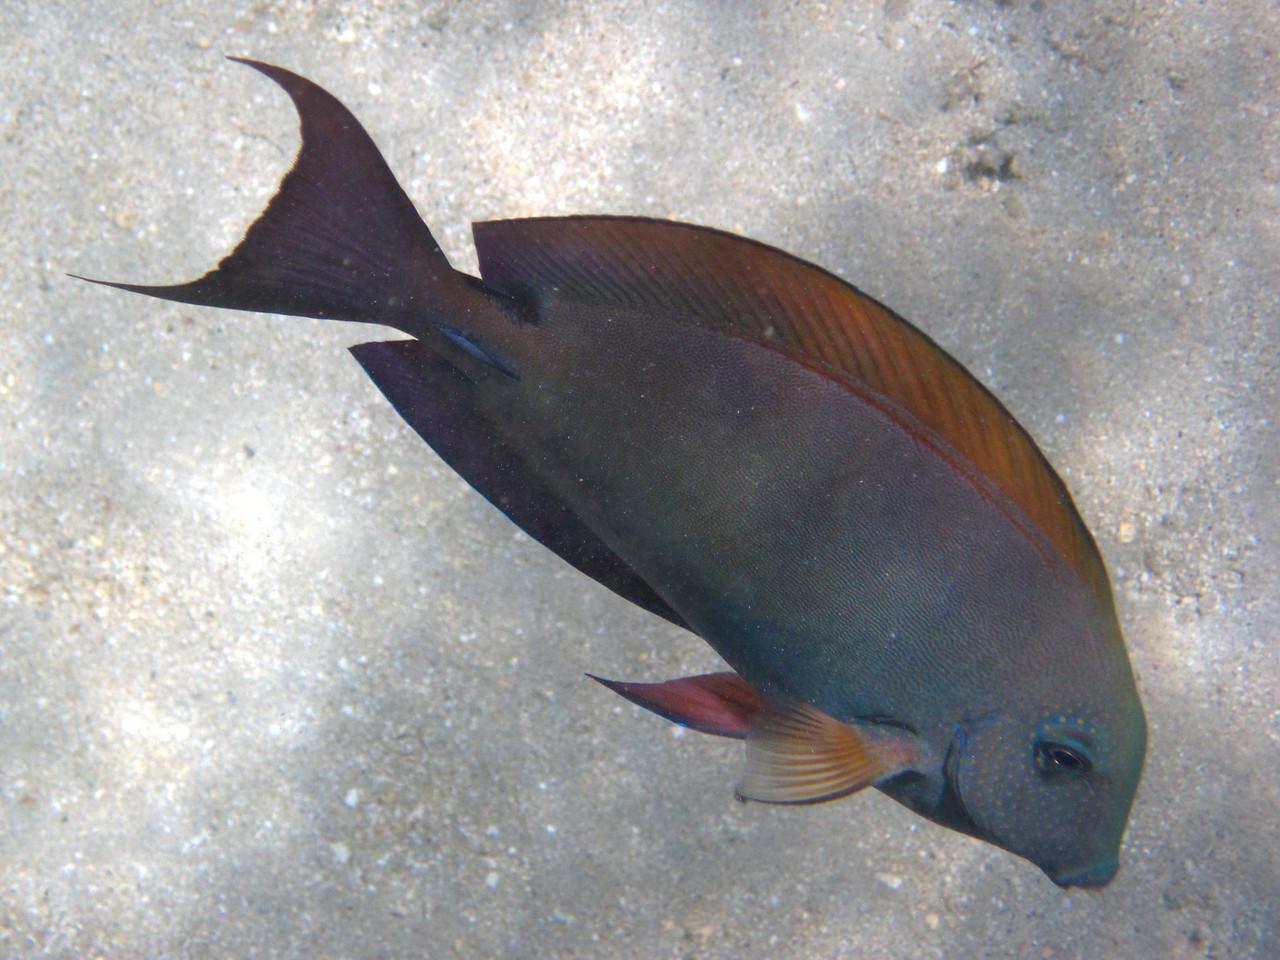 Brown surgeonfish (Acanthurus nigrofuscus)